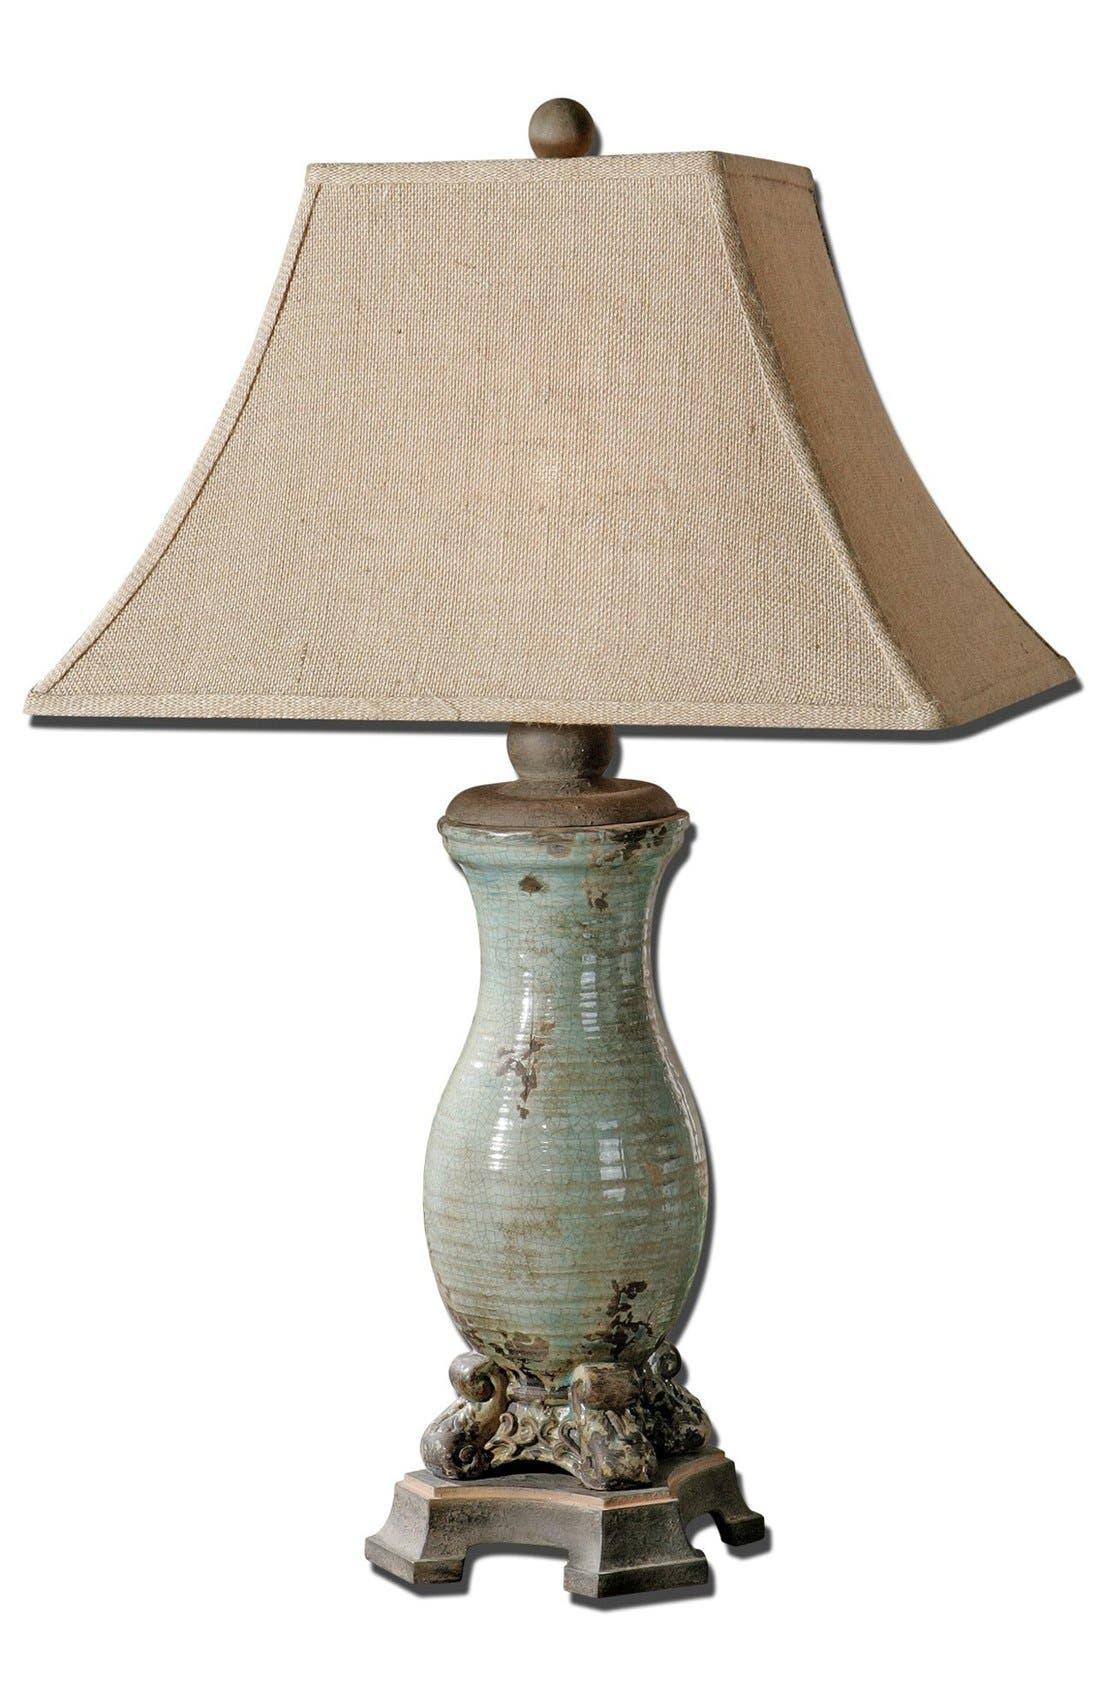 Alternate Image 1 Selected - Uttermost 'Andelle' Glazed Ceramic Table Lamp